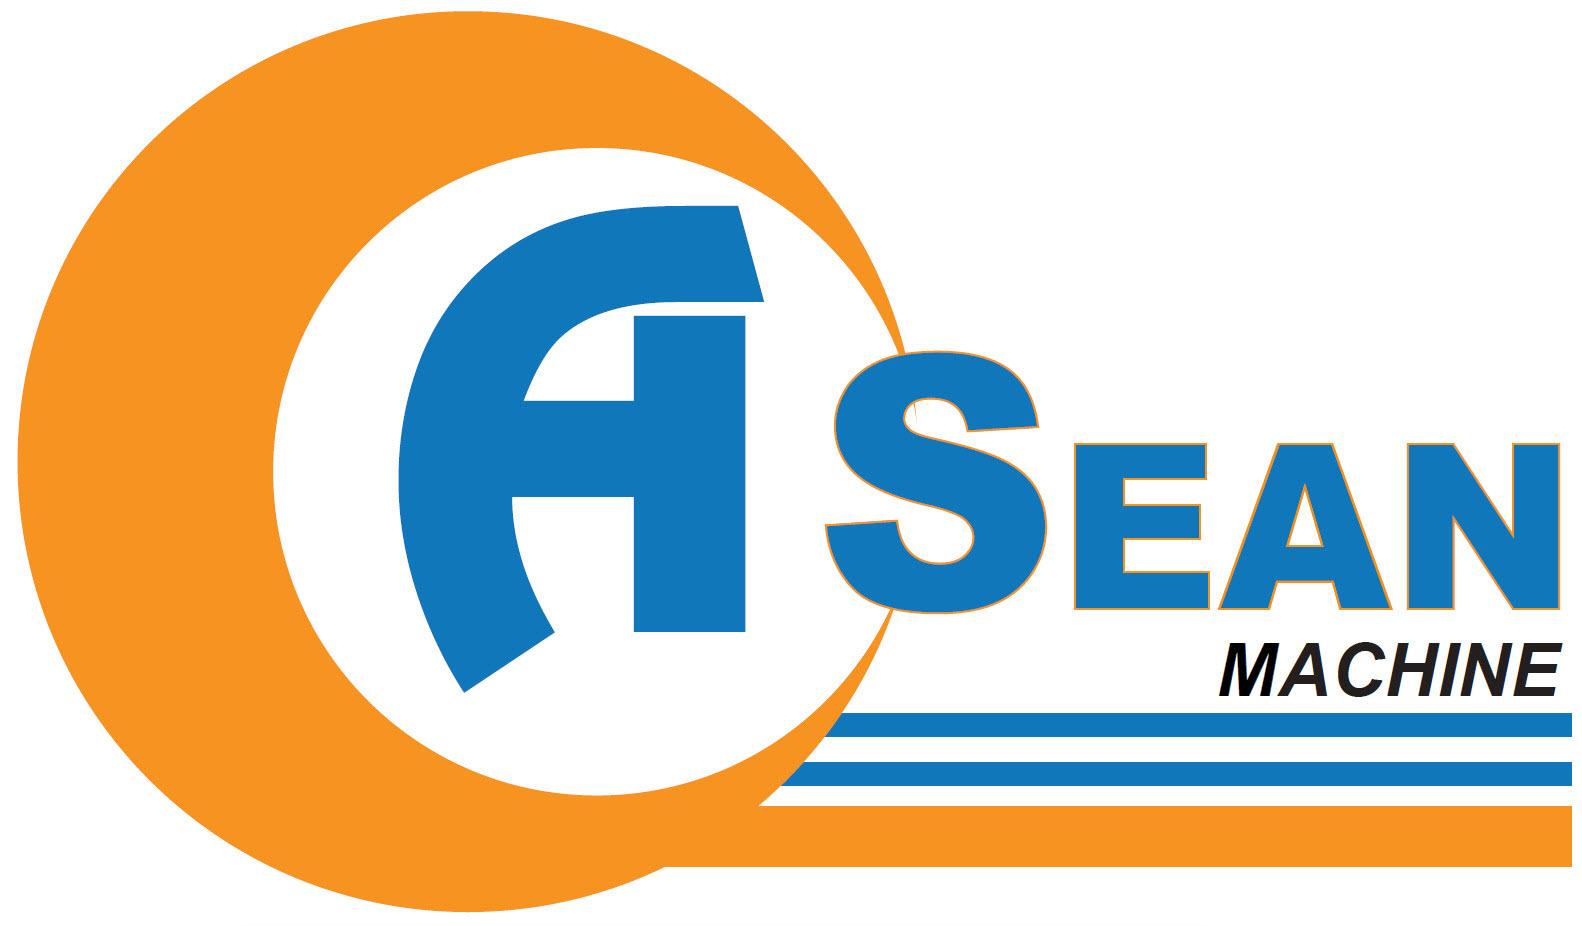 Công ty TNHH Máy Sản Xuất cửa Aseandoor